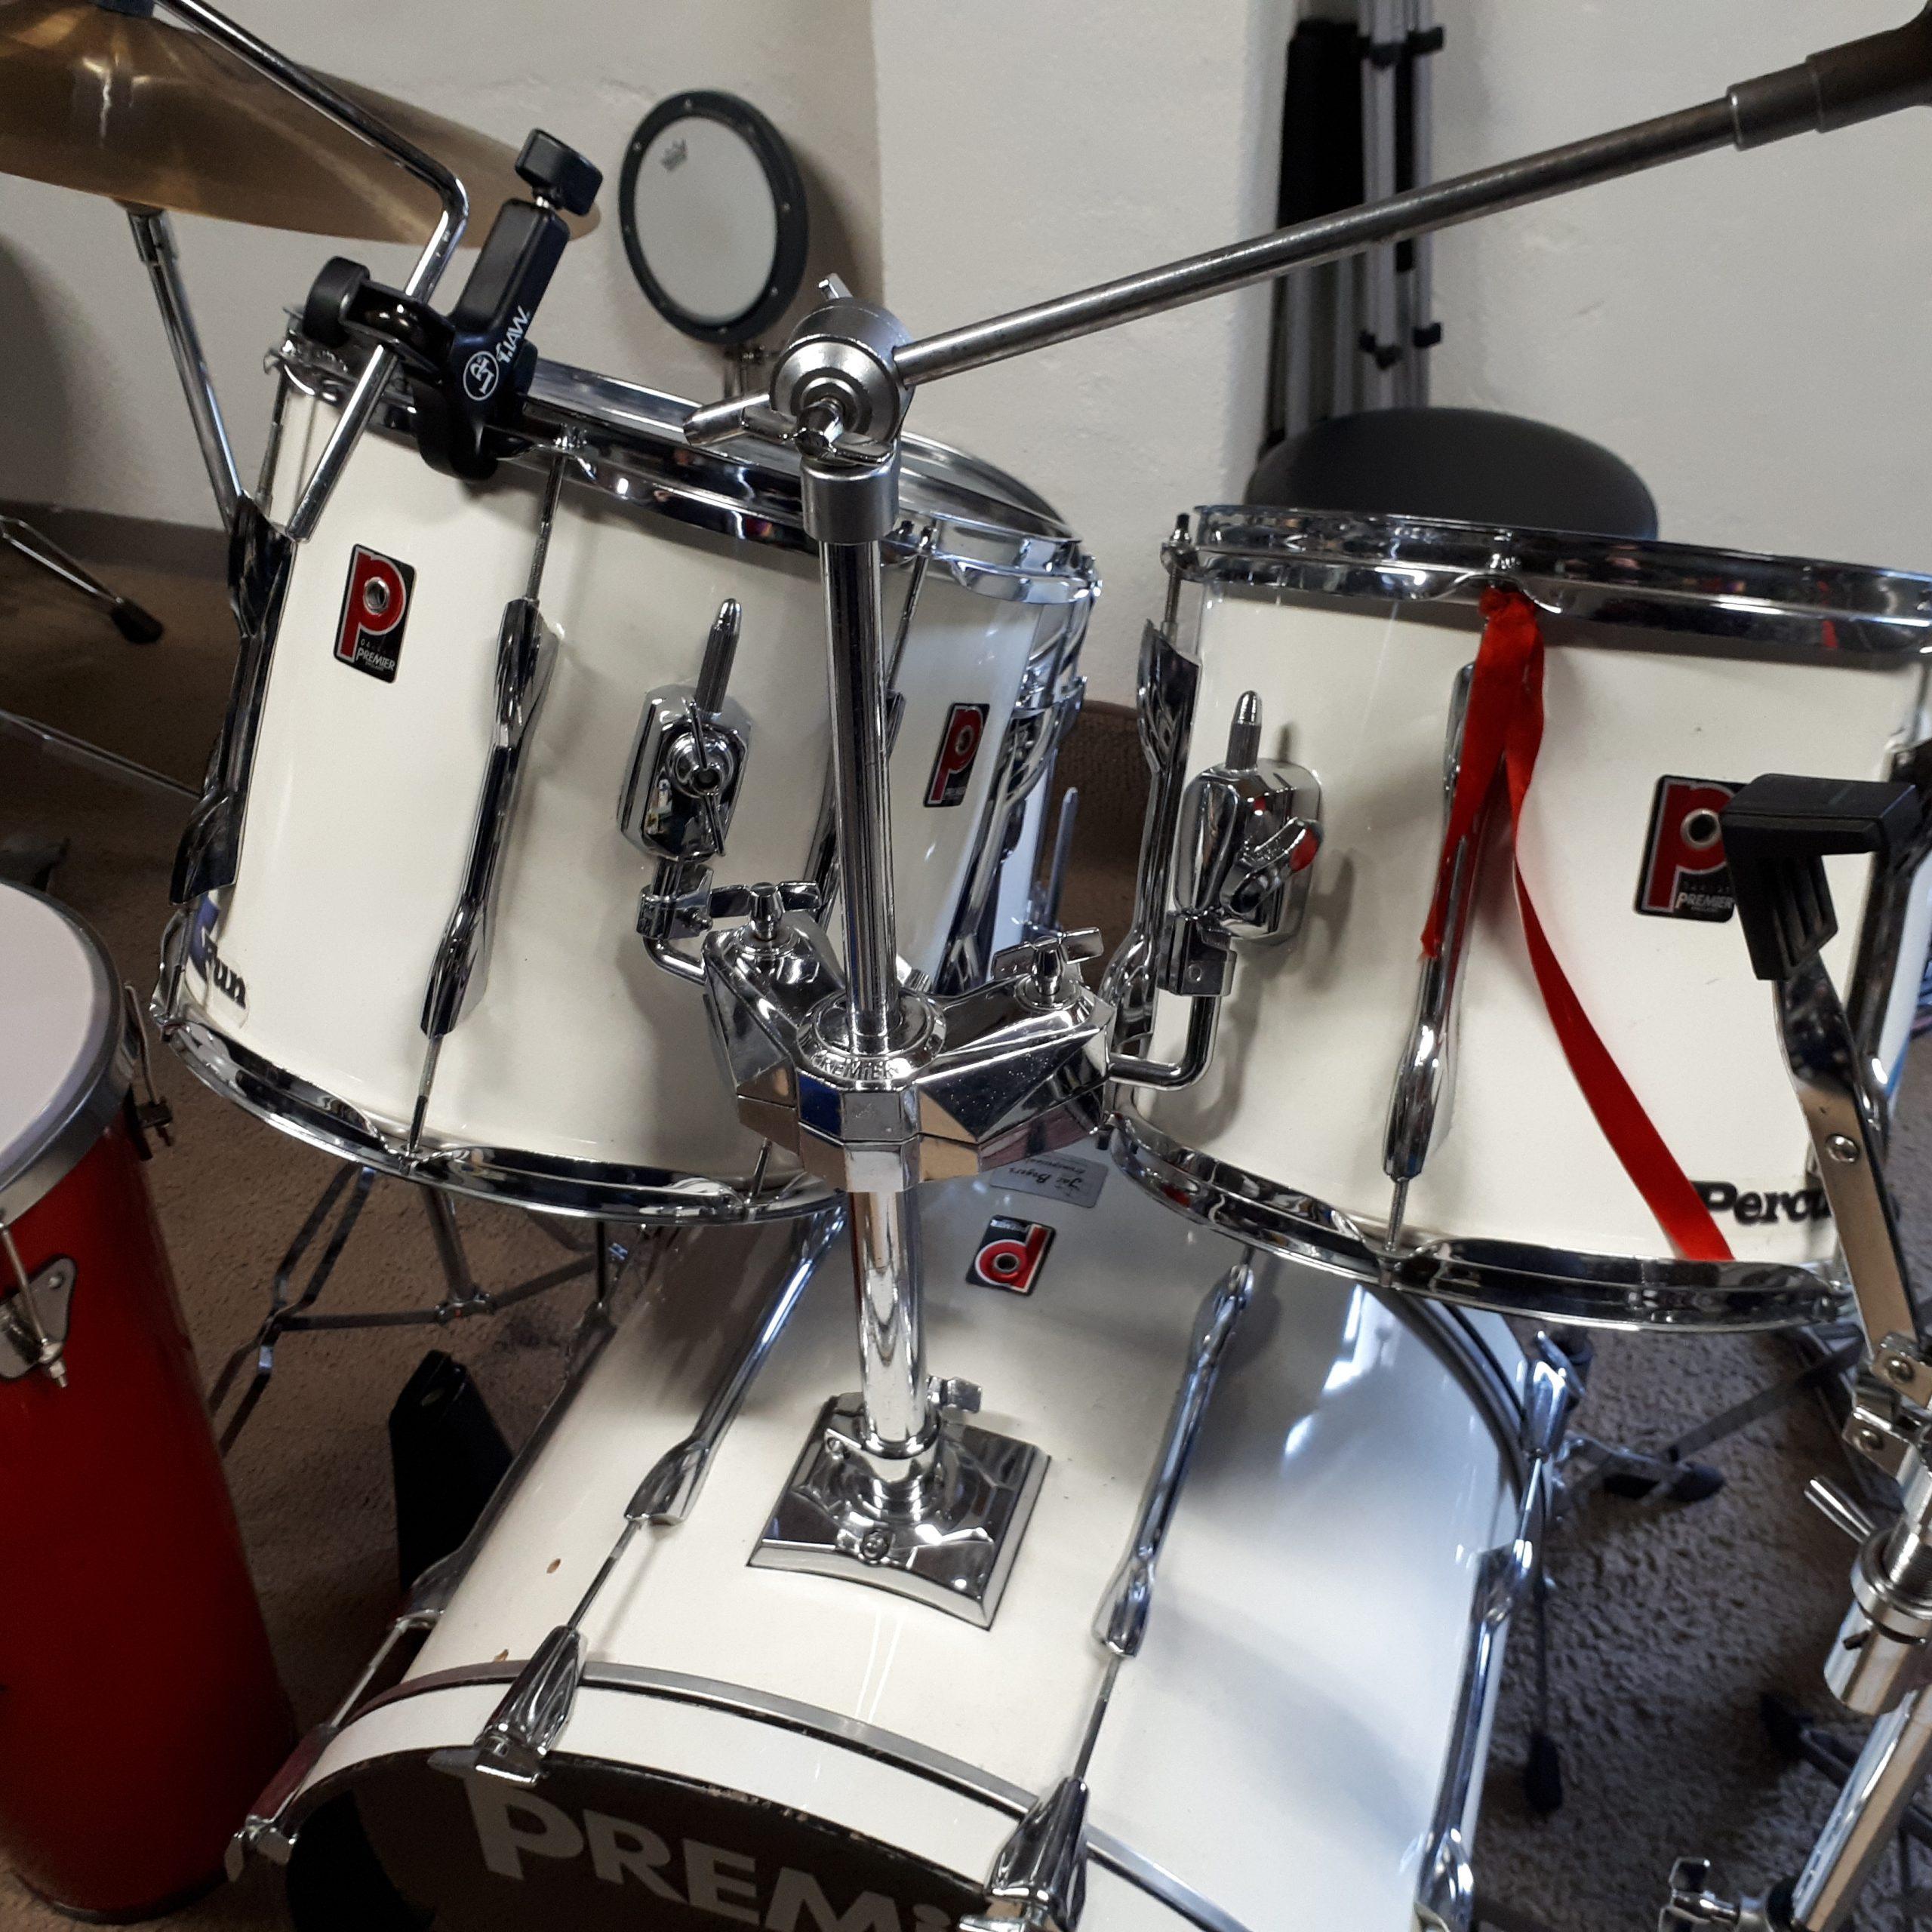 Vandaag mijn drumstel in zijn geheel gerestyled door Rhytm impact uit Berlicum. Tonn van de Veerdonk